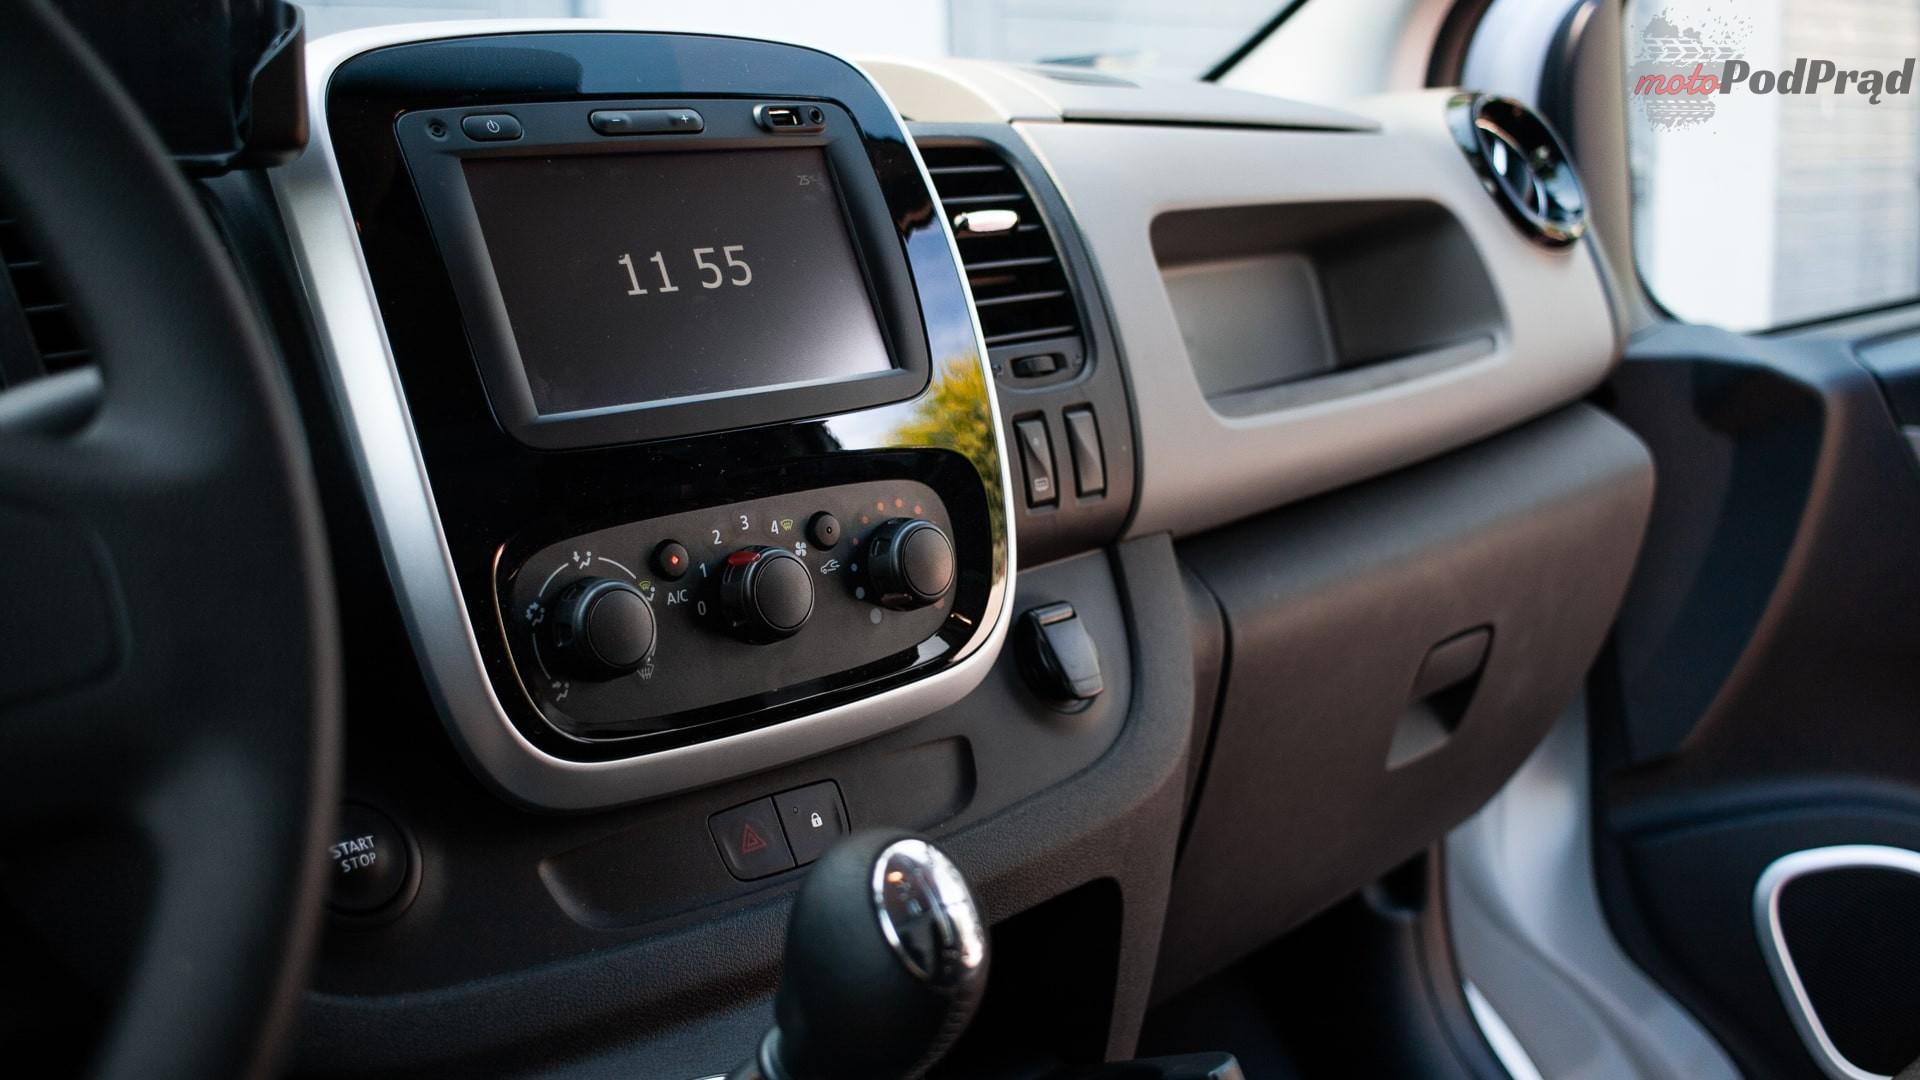 renault trafic 10 Test: Renault Trafic furgon z zabudową Renault Tech – mobilny serwis